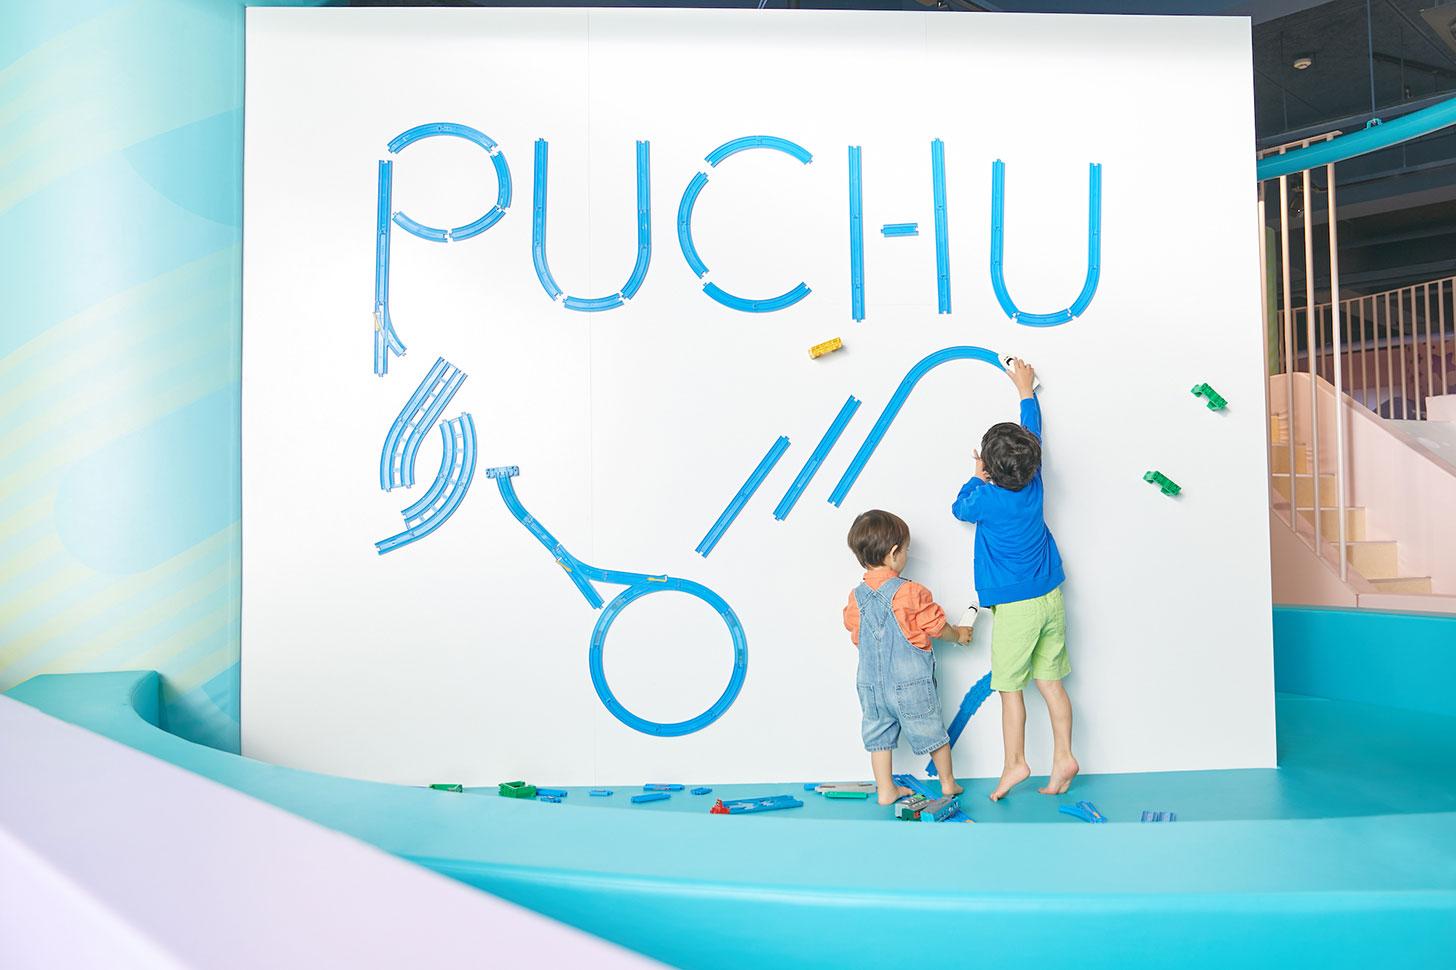 横浜駅アソビル PuChu!(プチュウ)で1日遊べる「平日フリーパス」など、店頭で販売開始